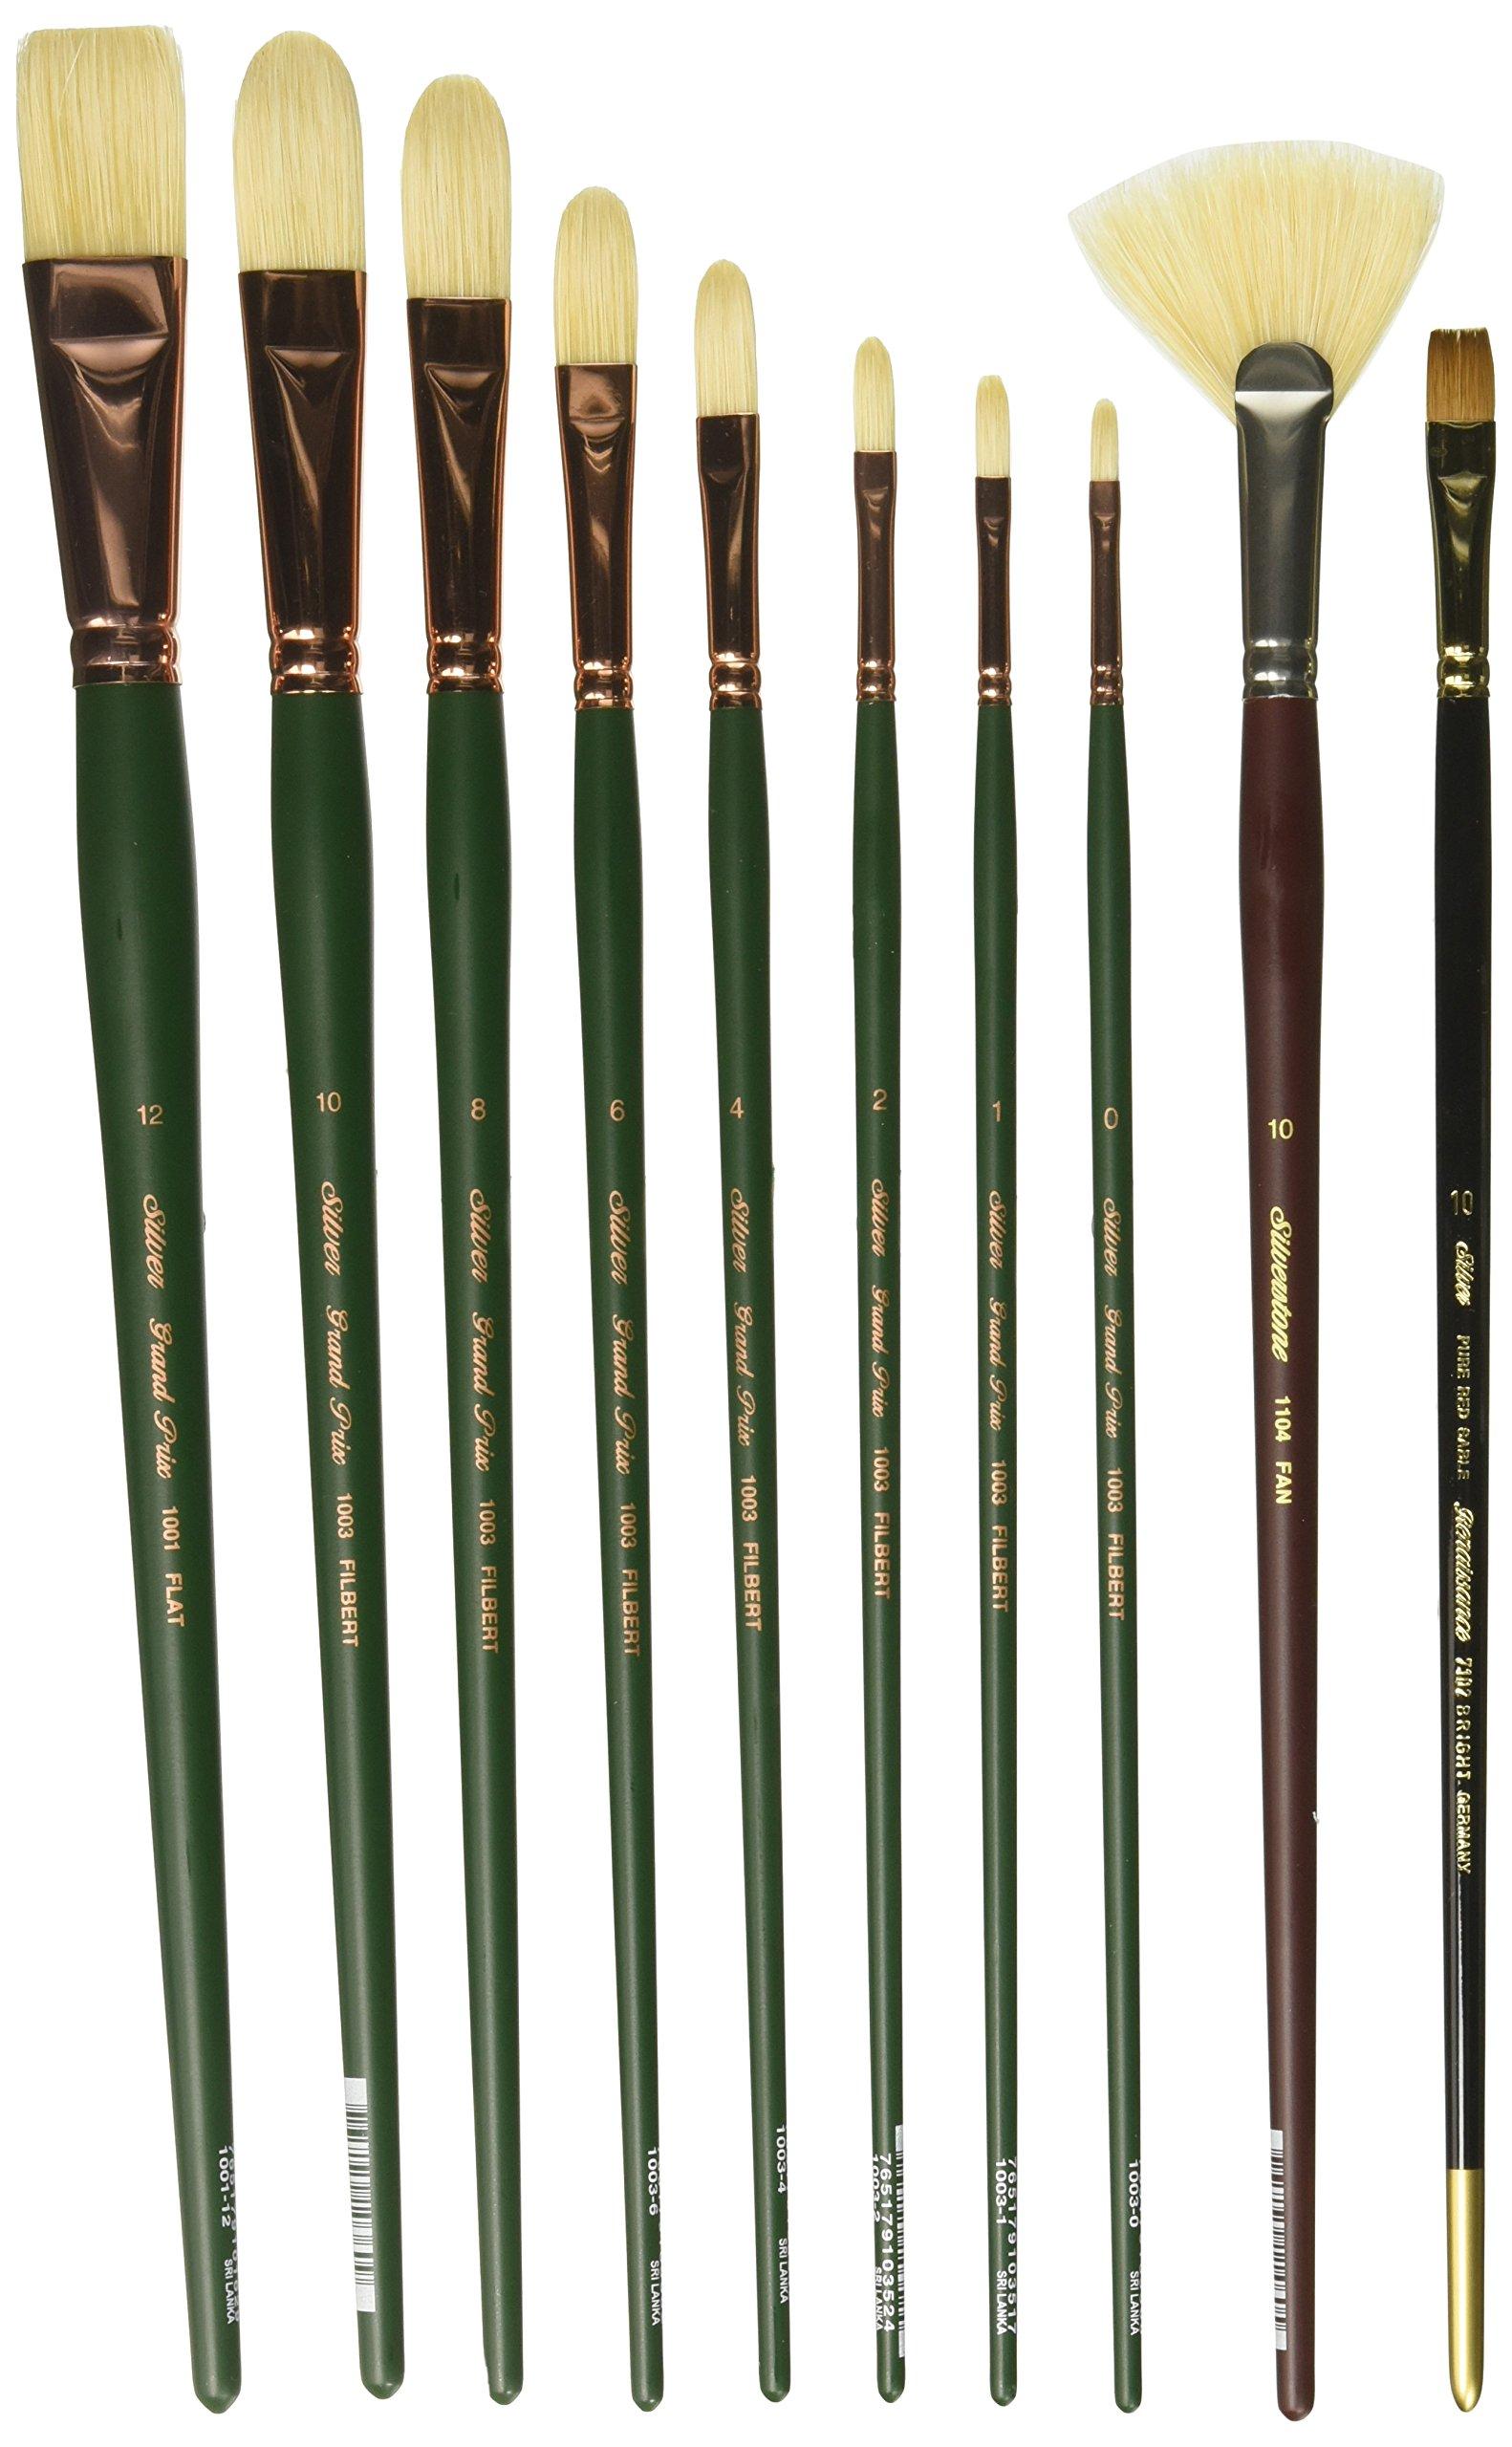 Silver Brush MSN-010 Michael Shane Neal Bravura Basic Brush Set, 10 Per Pack